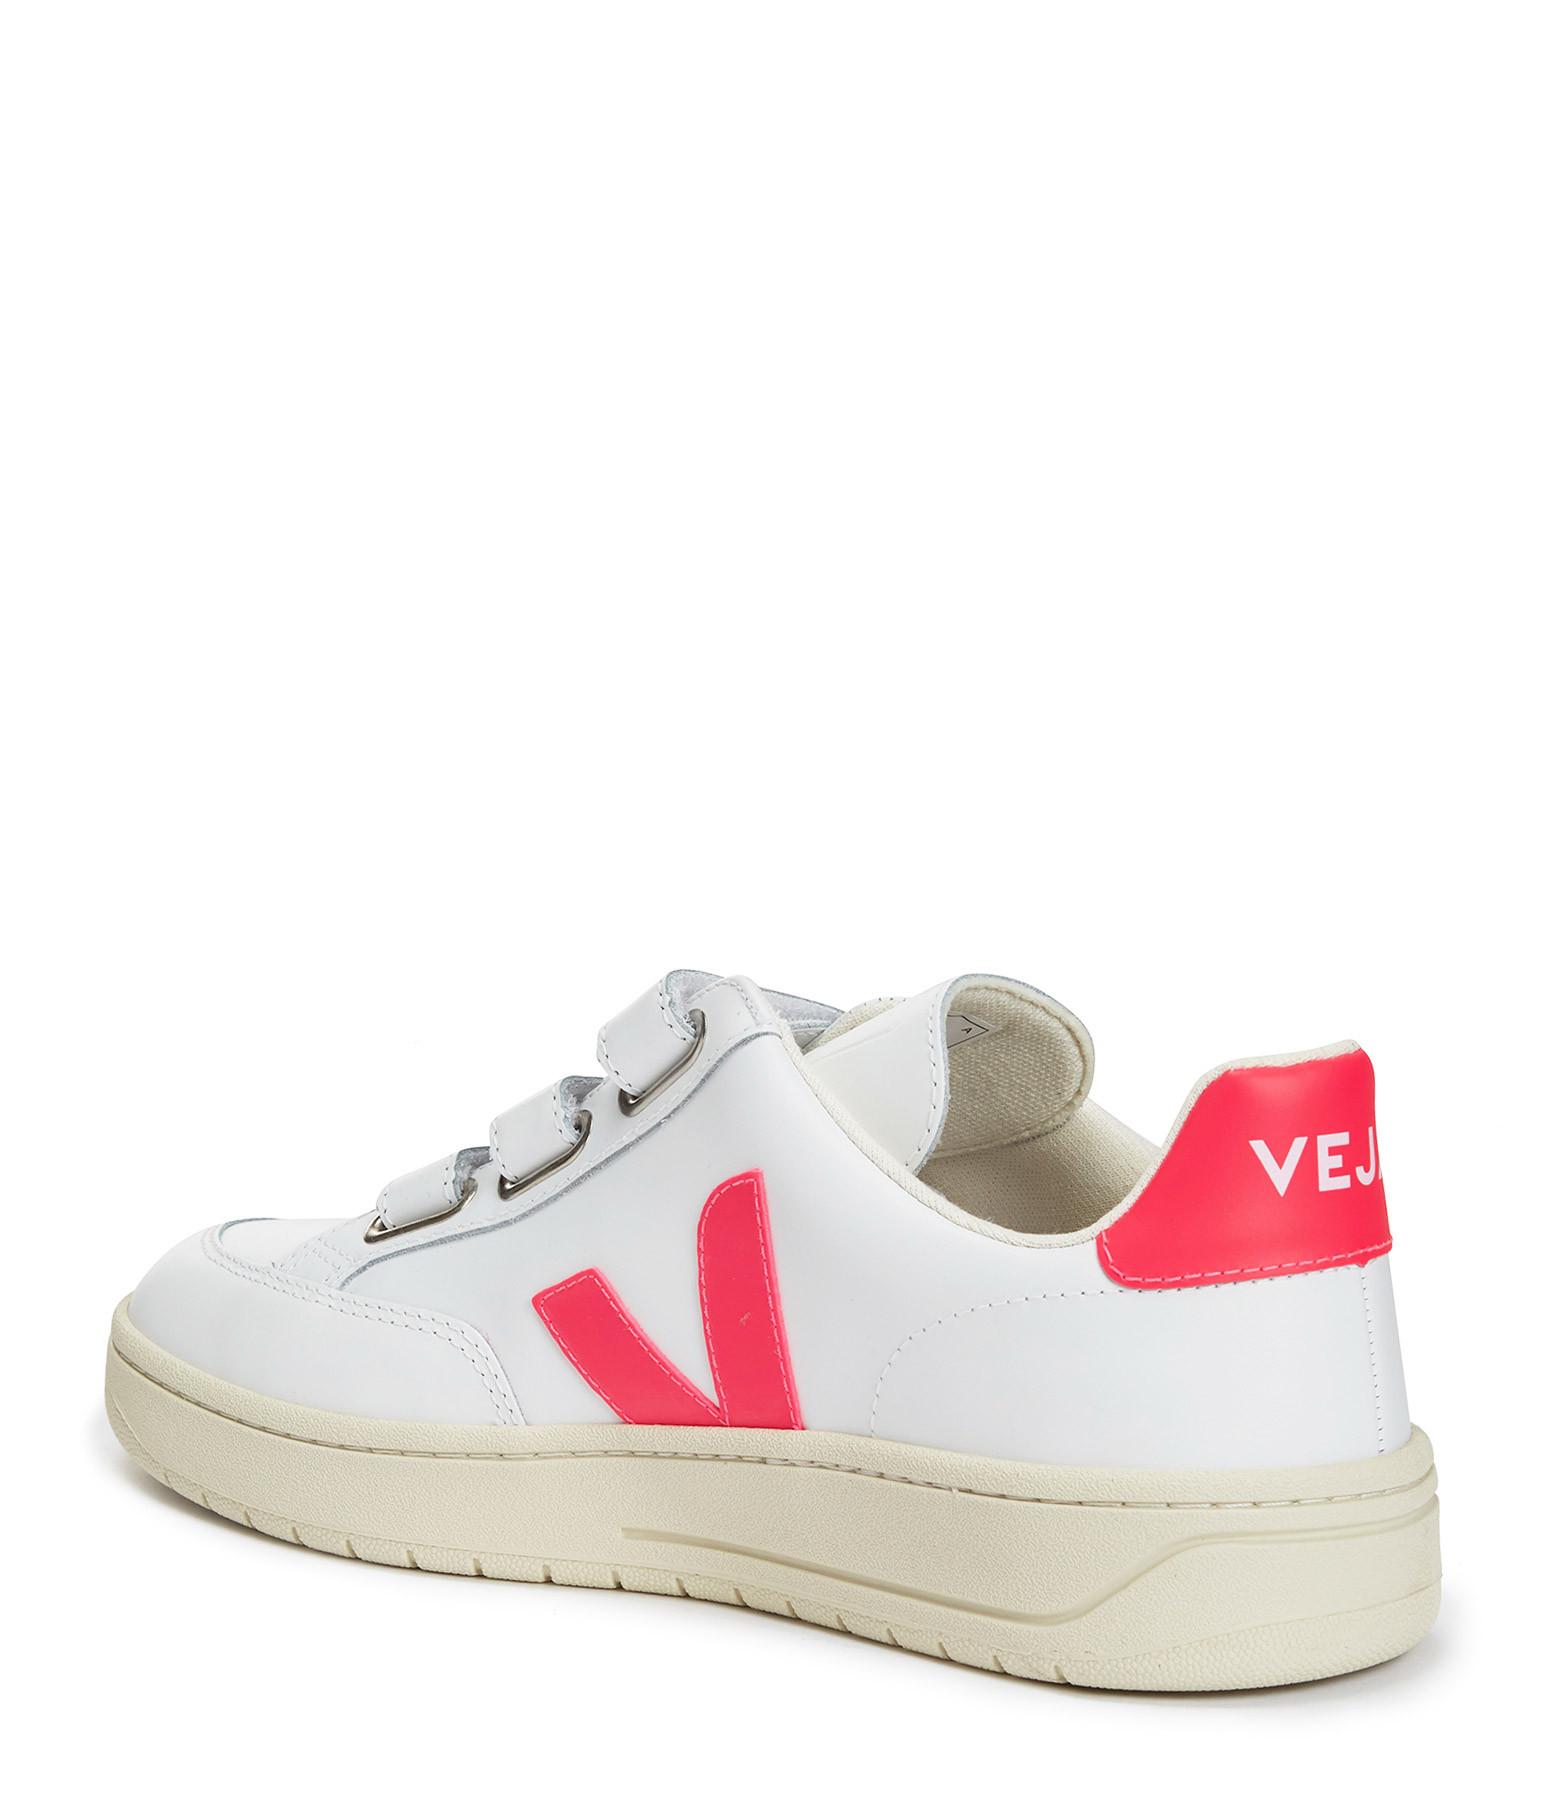 VEJA - Baskets V-Lock Cuir Extra Blanc Rose Fluo